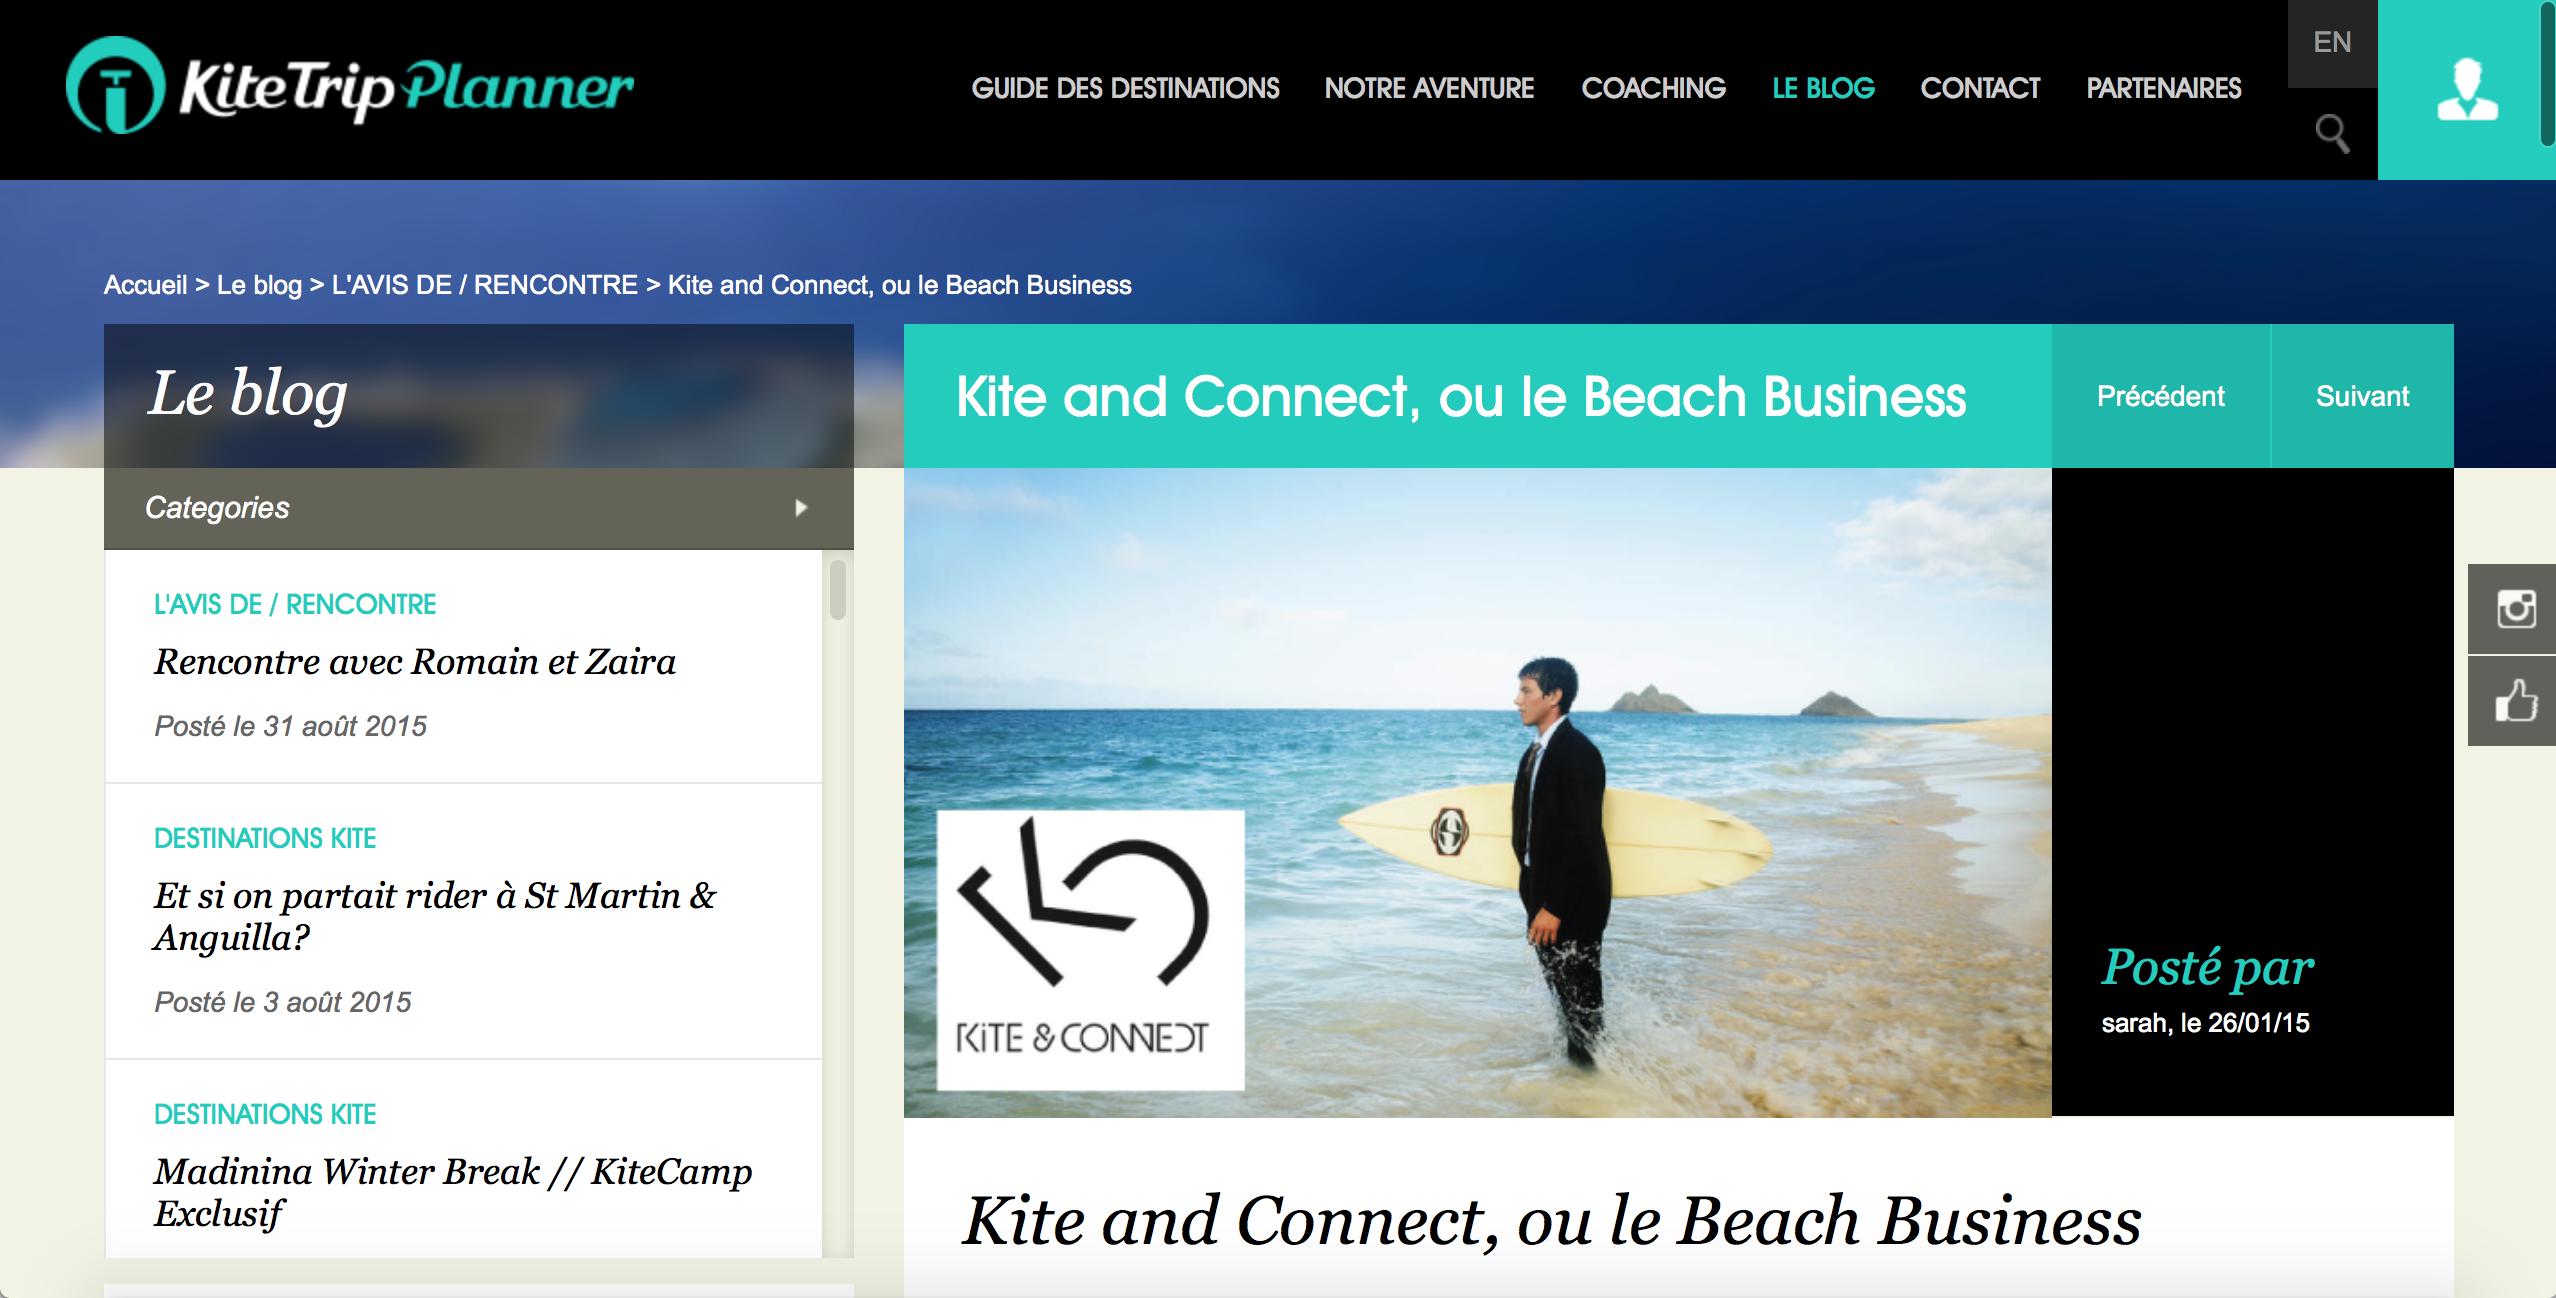 Kite Trip Planner